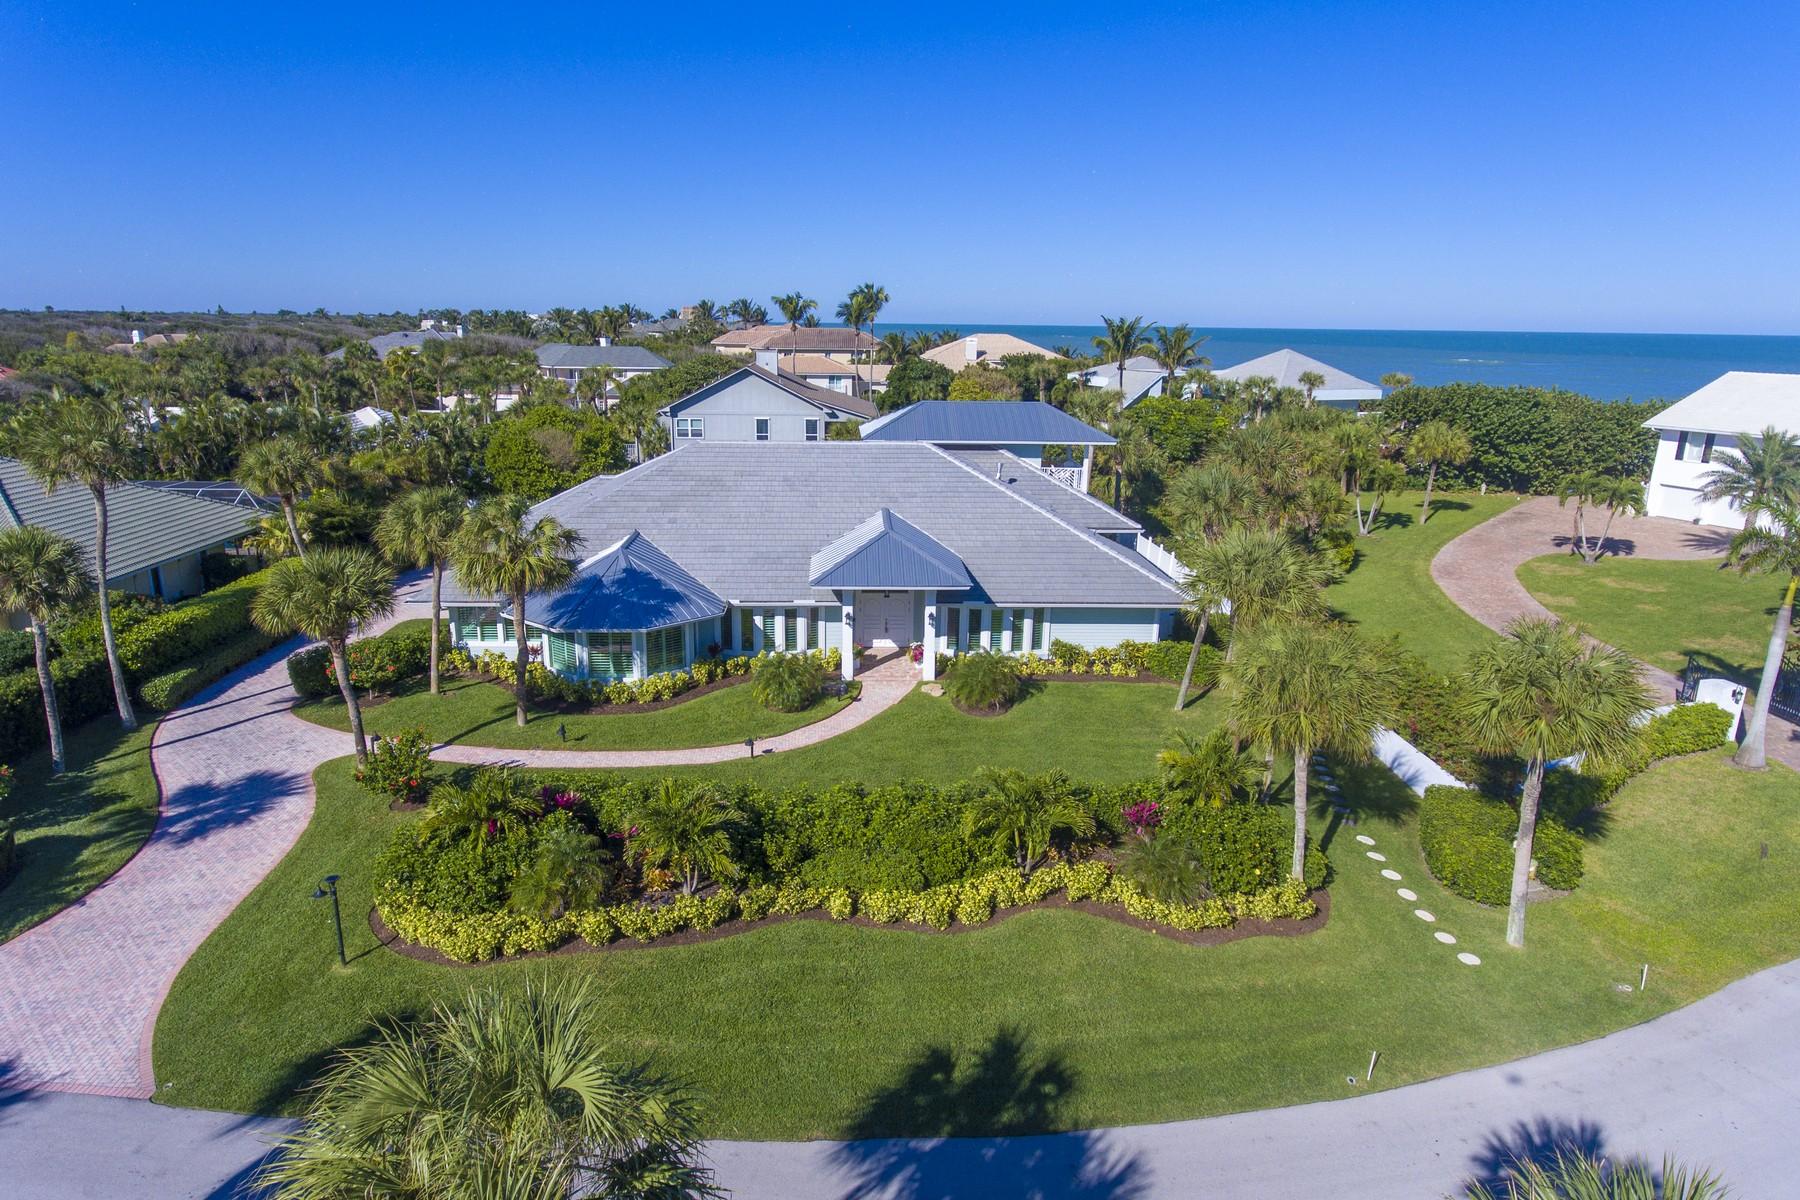 Steps from the Ocean 909 Holoma Drive Vero Beach, Florida 32963 Estados Unidos